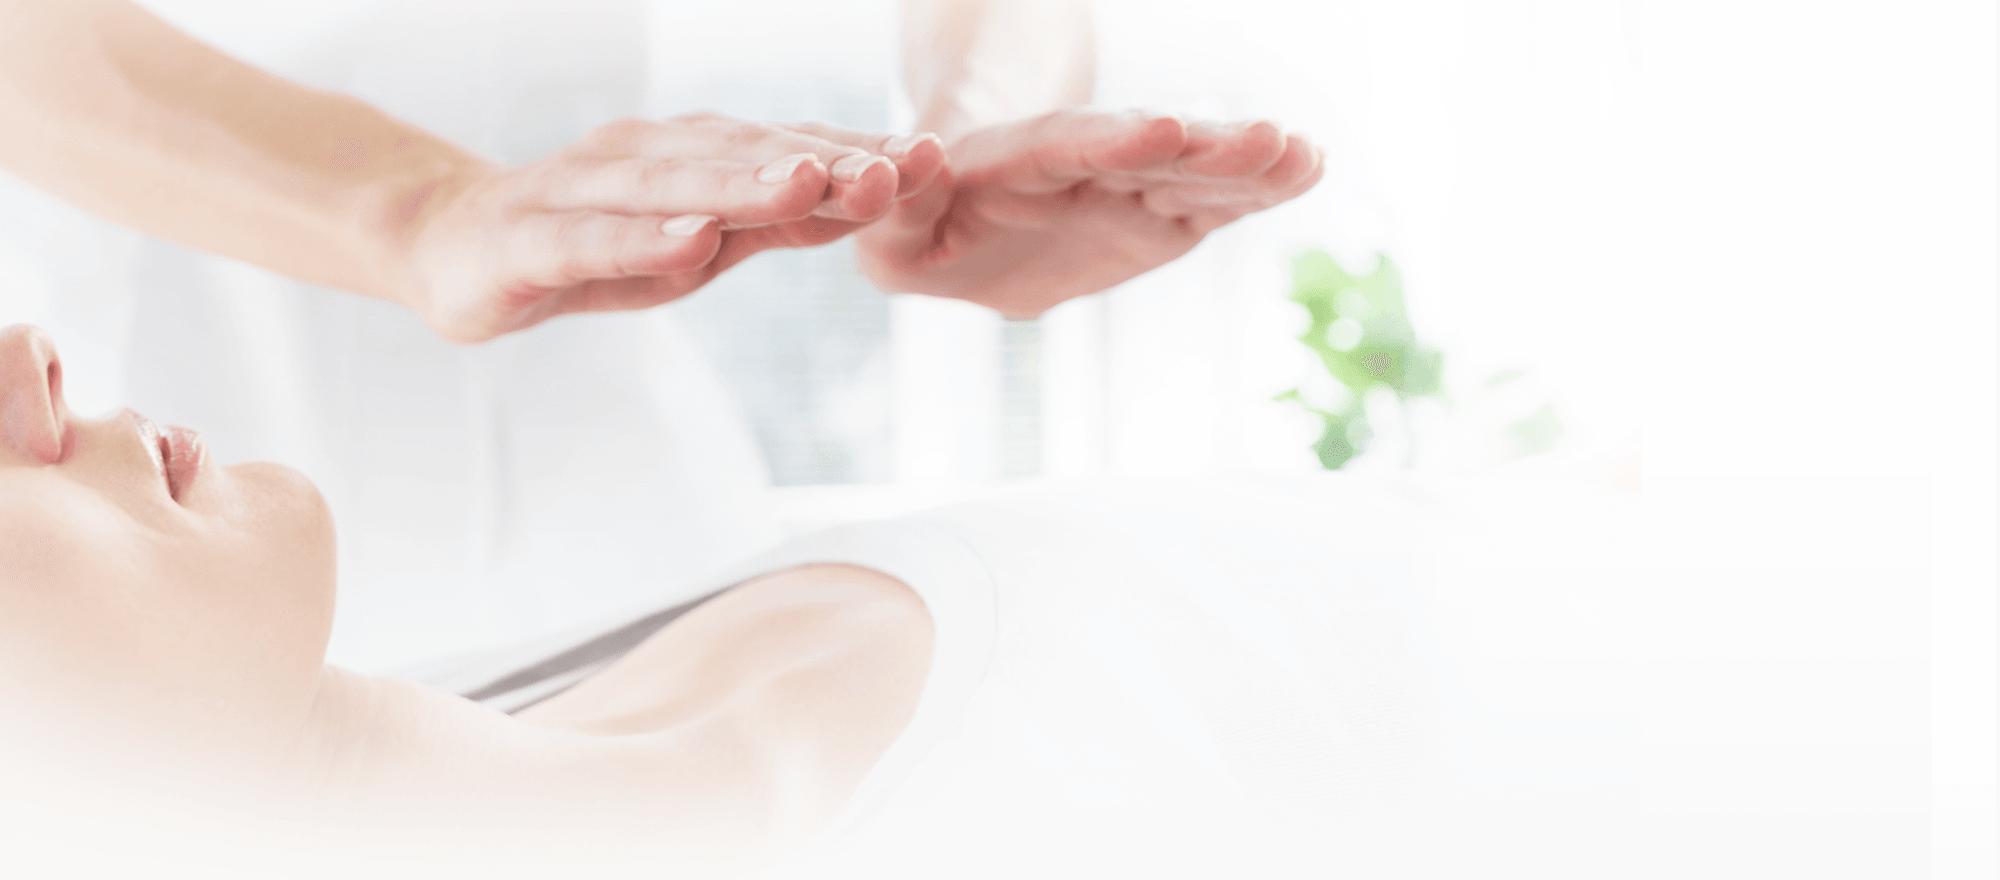 心と身体のデトックスしませんか?原因不明の病・心のモヤモヤはスピリチュアルでスッキリ解消!マイナスエネルギーを吸い出しプラスエネルギーを入れ込みます。